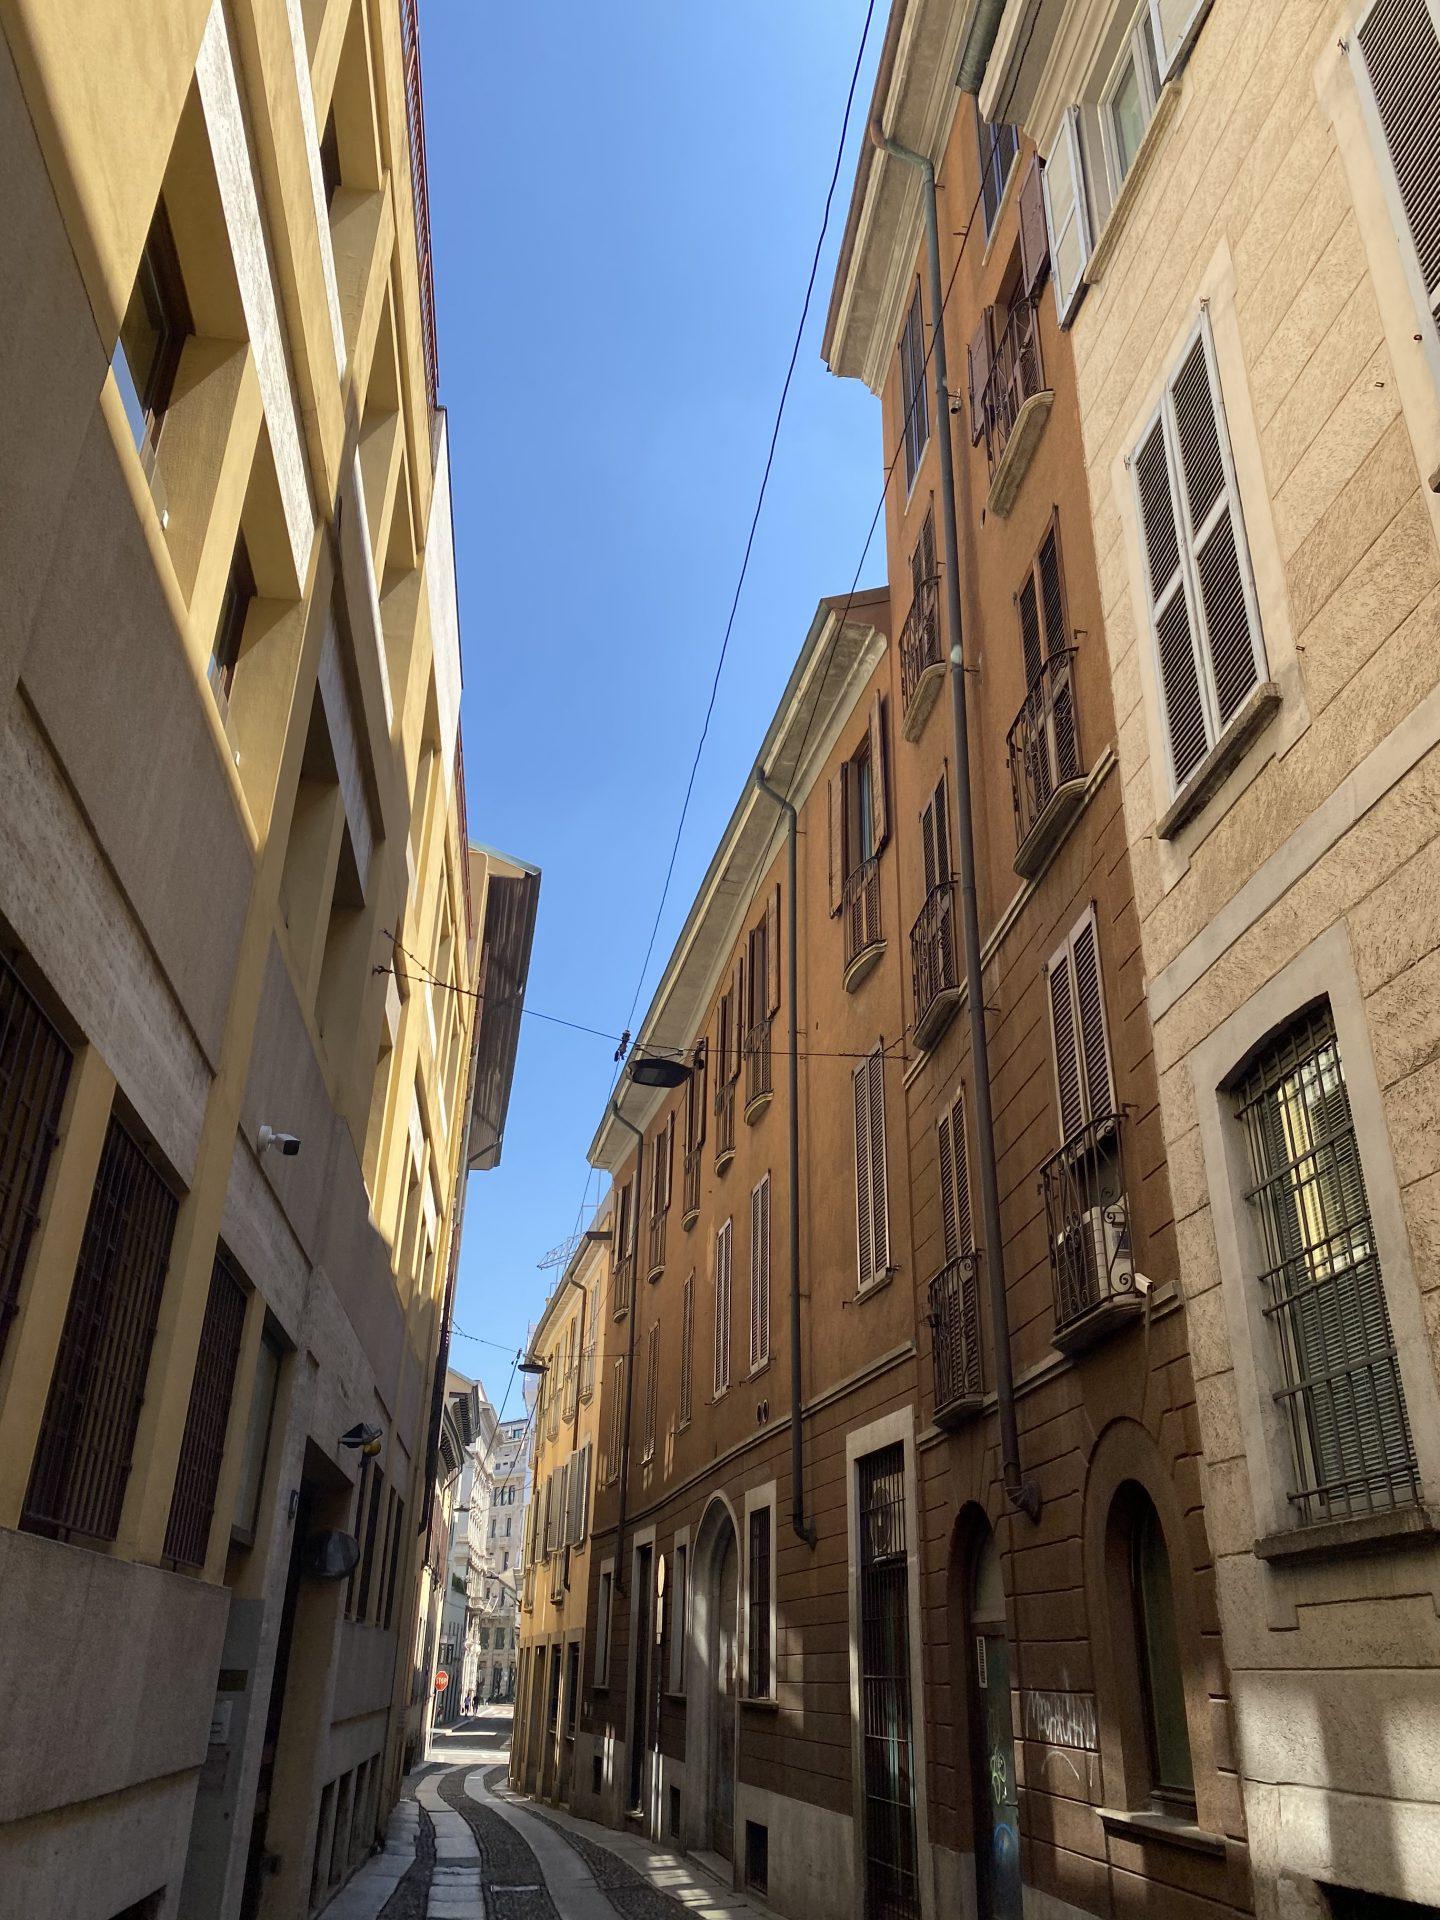 Mailand-Sommerurlaub-2020